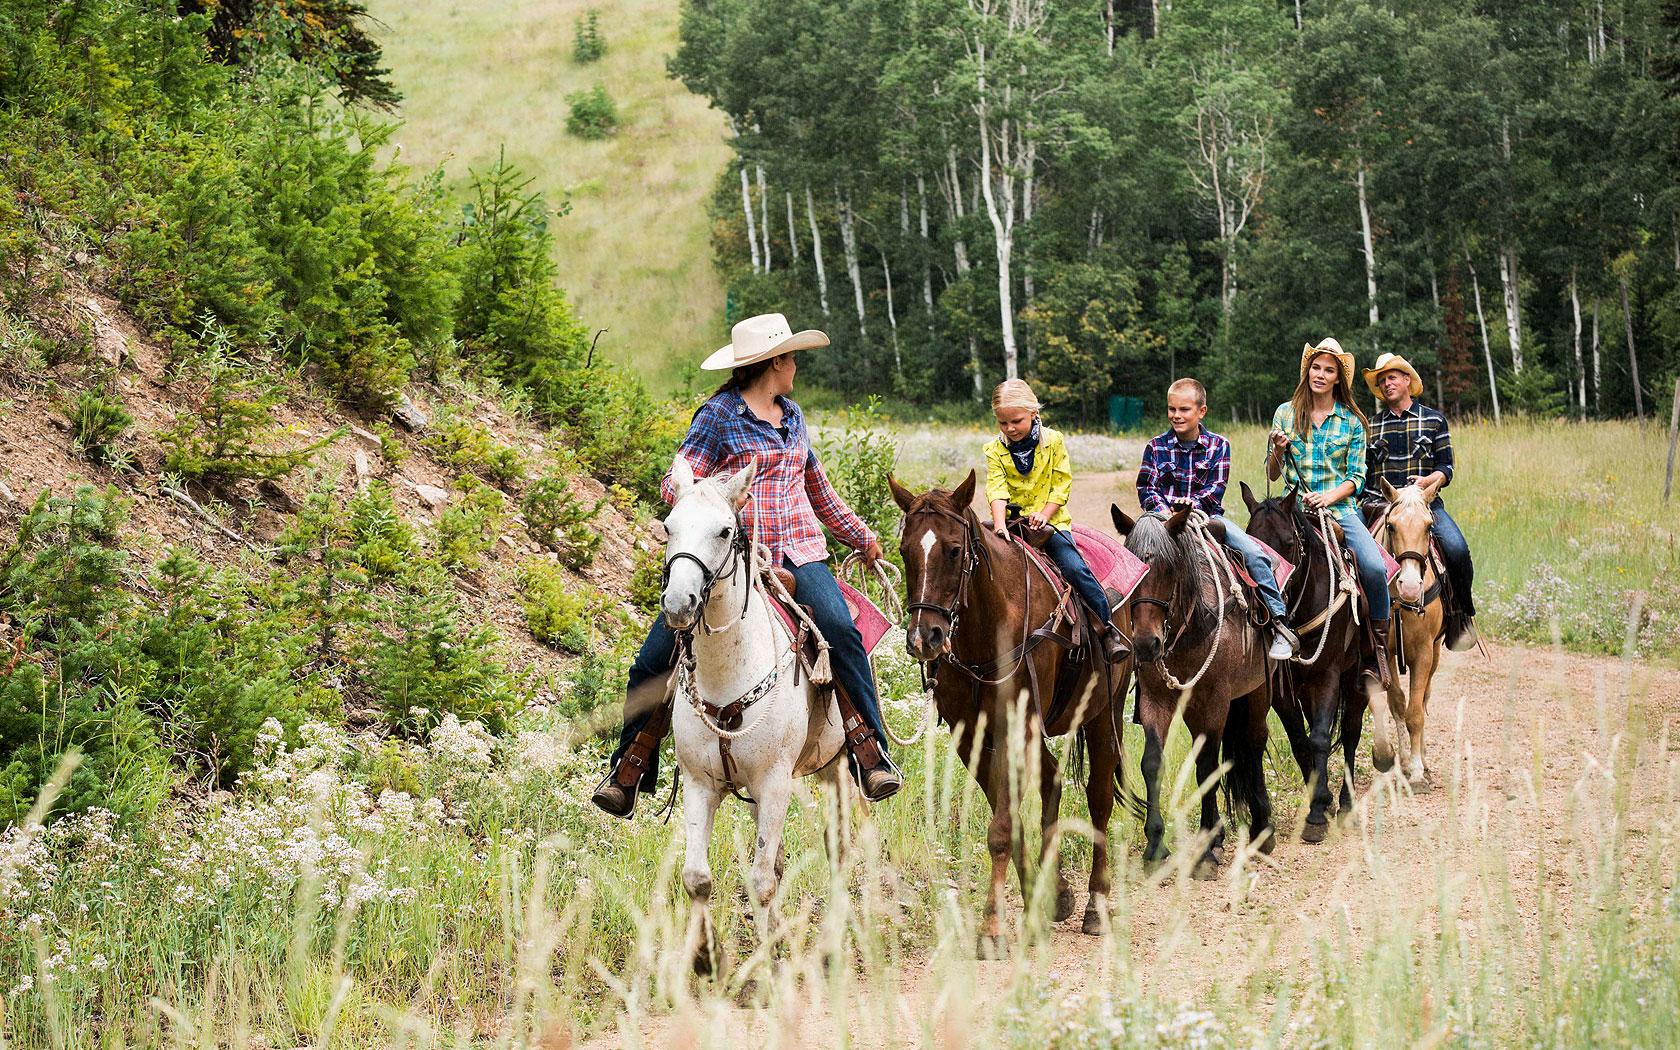 Children Horseback Riding